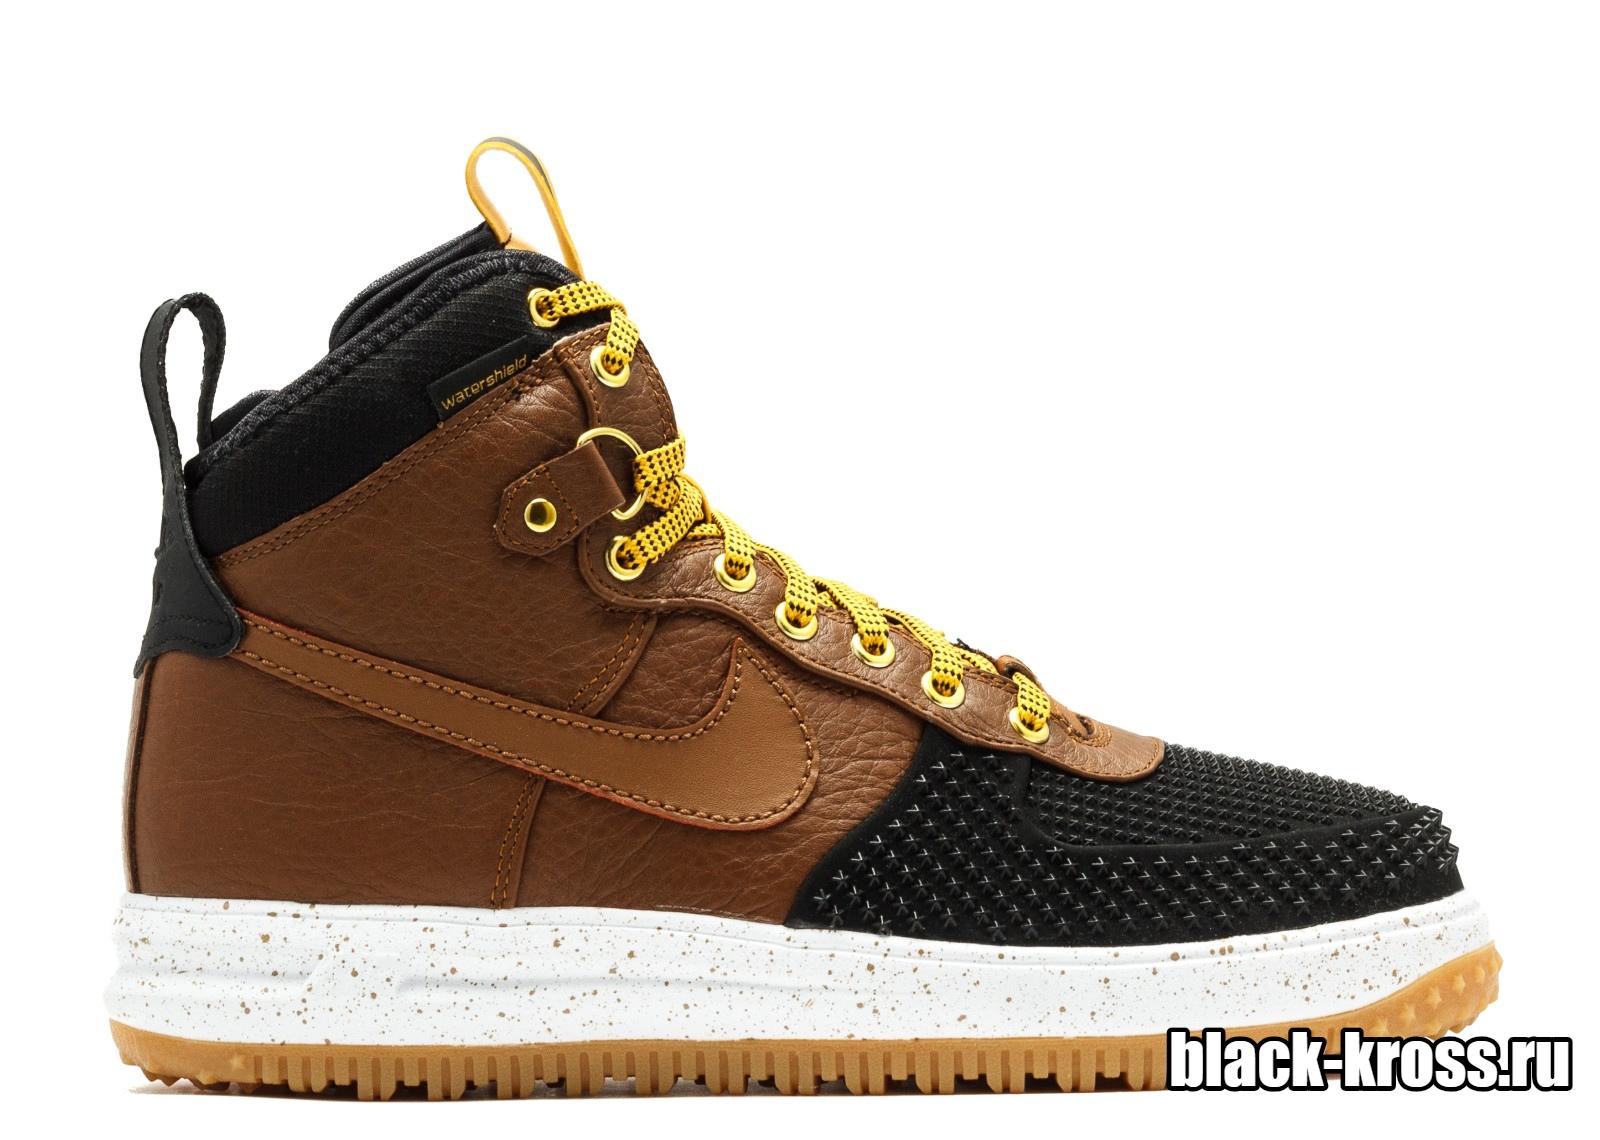 Nike Lunar Force 1 Duckboot Brown/Black (41-46)